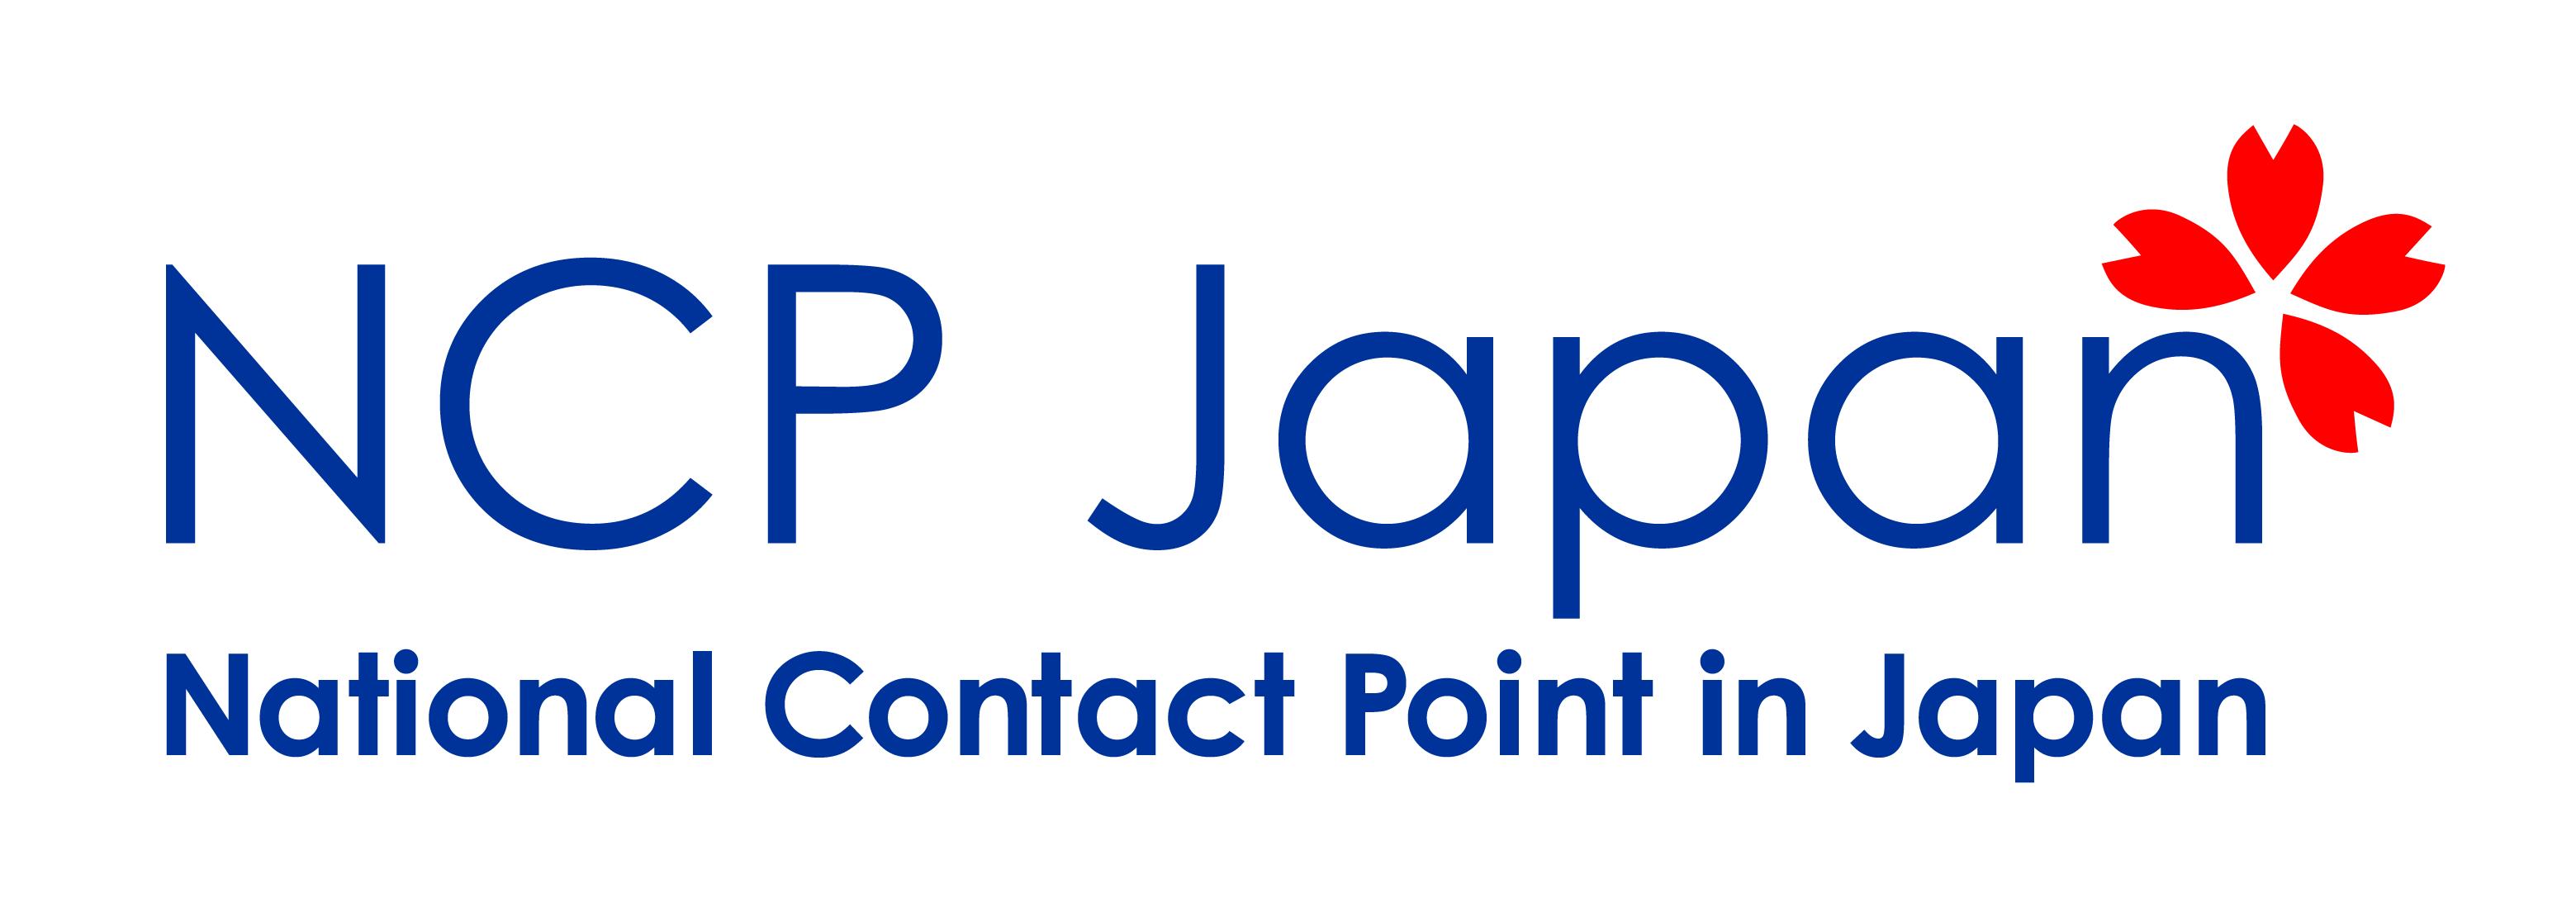 NCP Japan 日欧の科学技術イノベーション協力促進のためのナショナルコンタクトポイント(NCP)